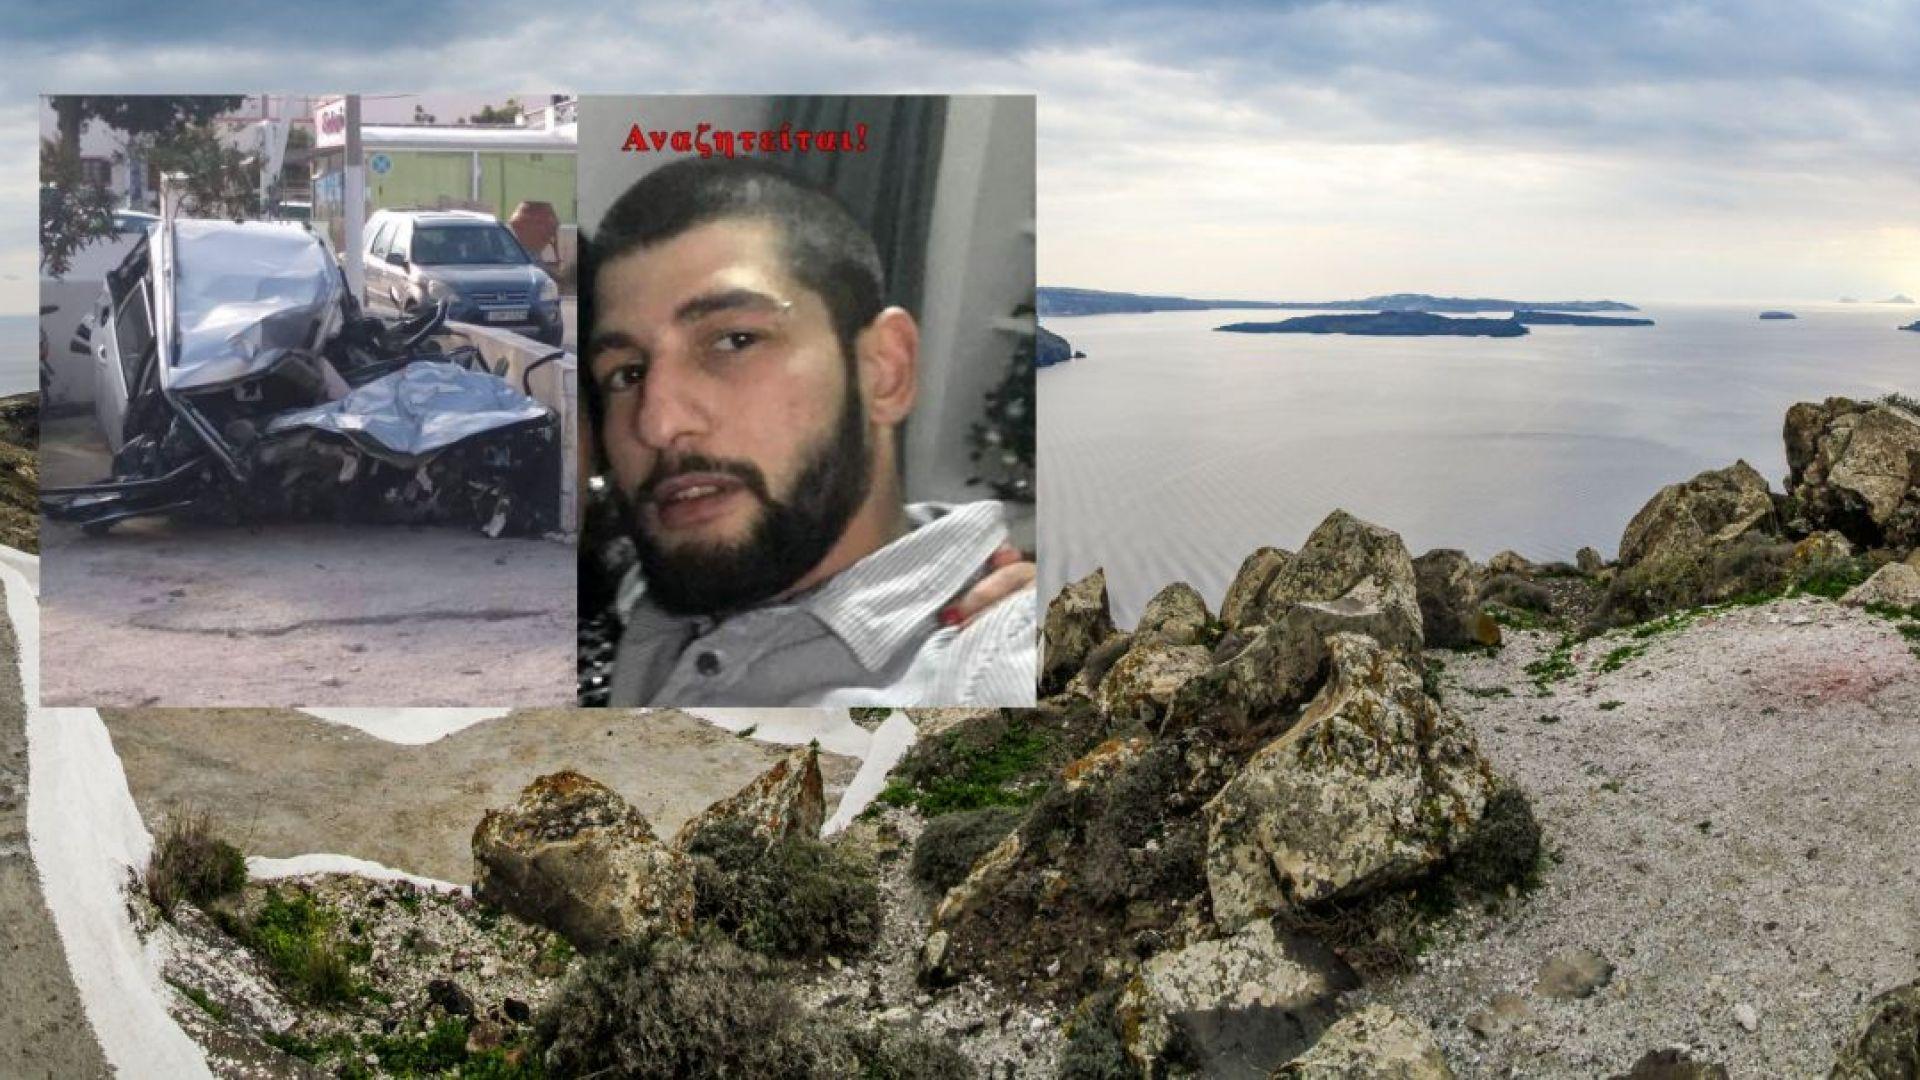 Гръцката полиция откри тялото на 27-годишния българин Йордан Станев Динев,